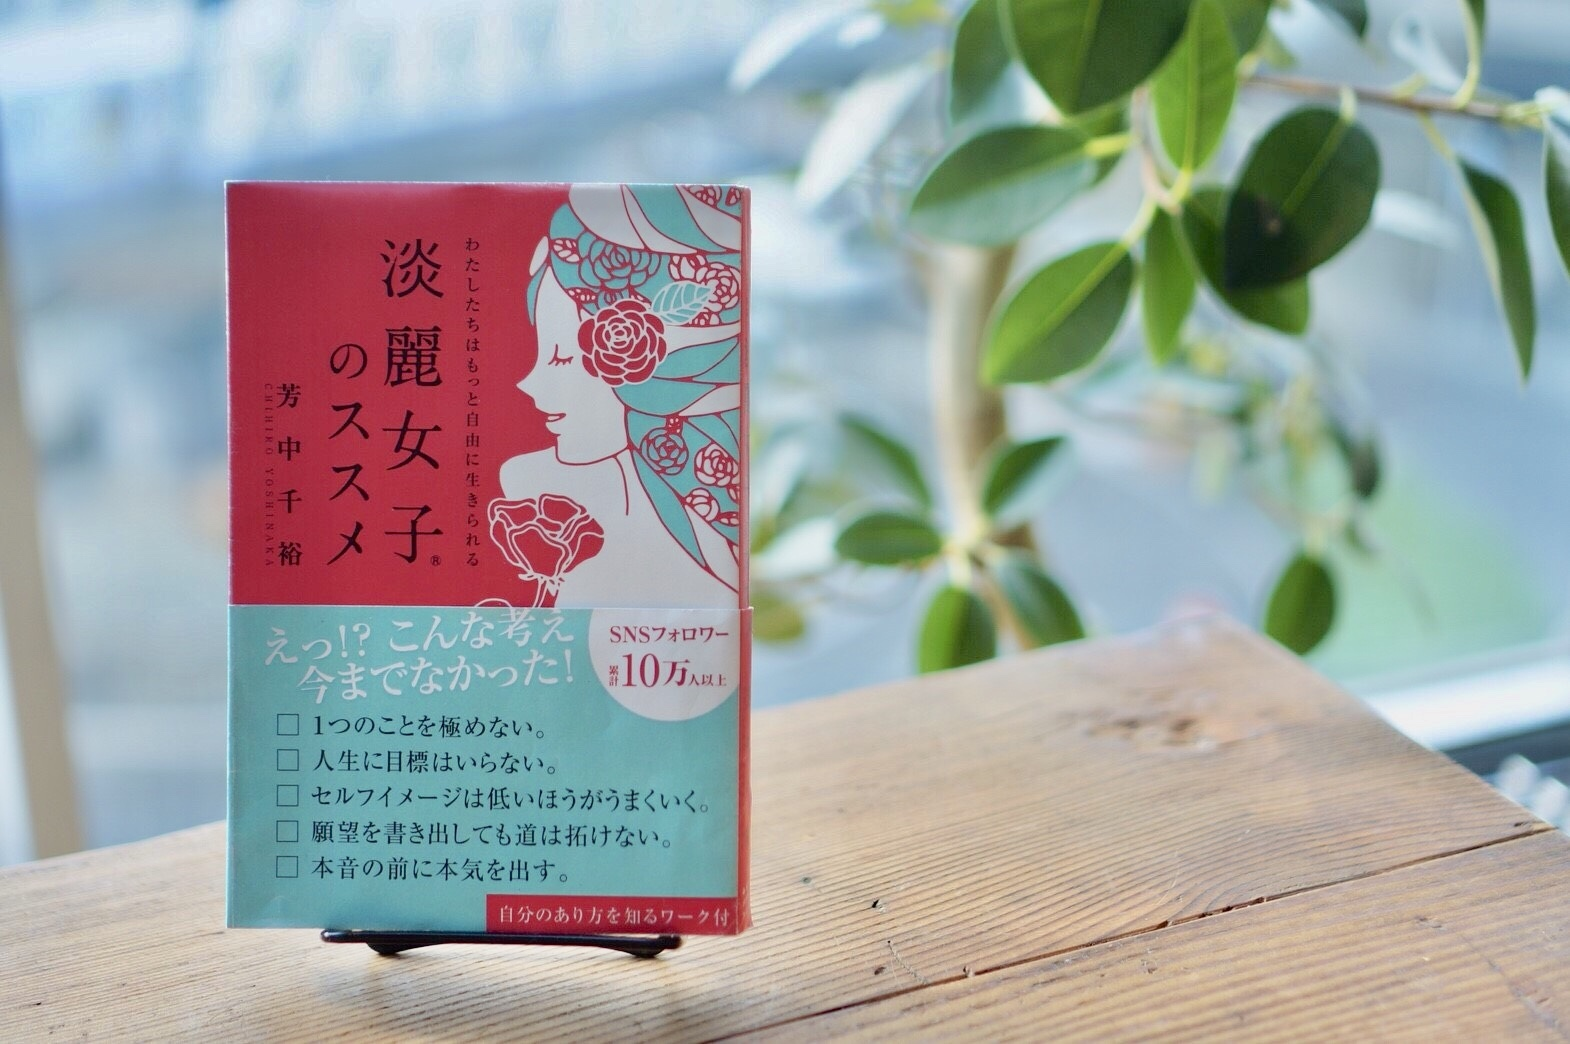 書籍「淡麗女子のススメ」表紙